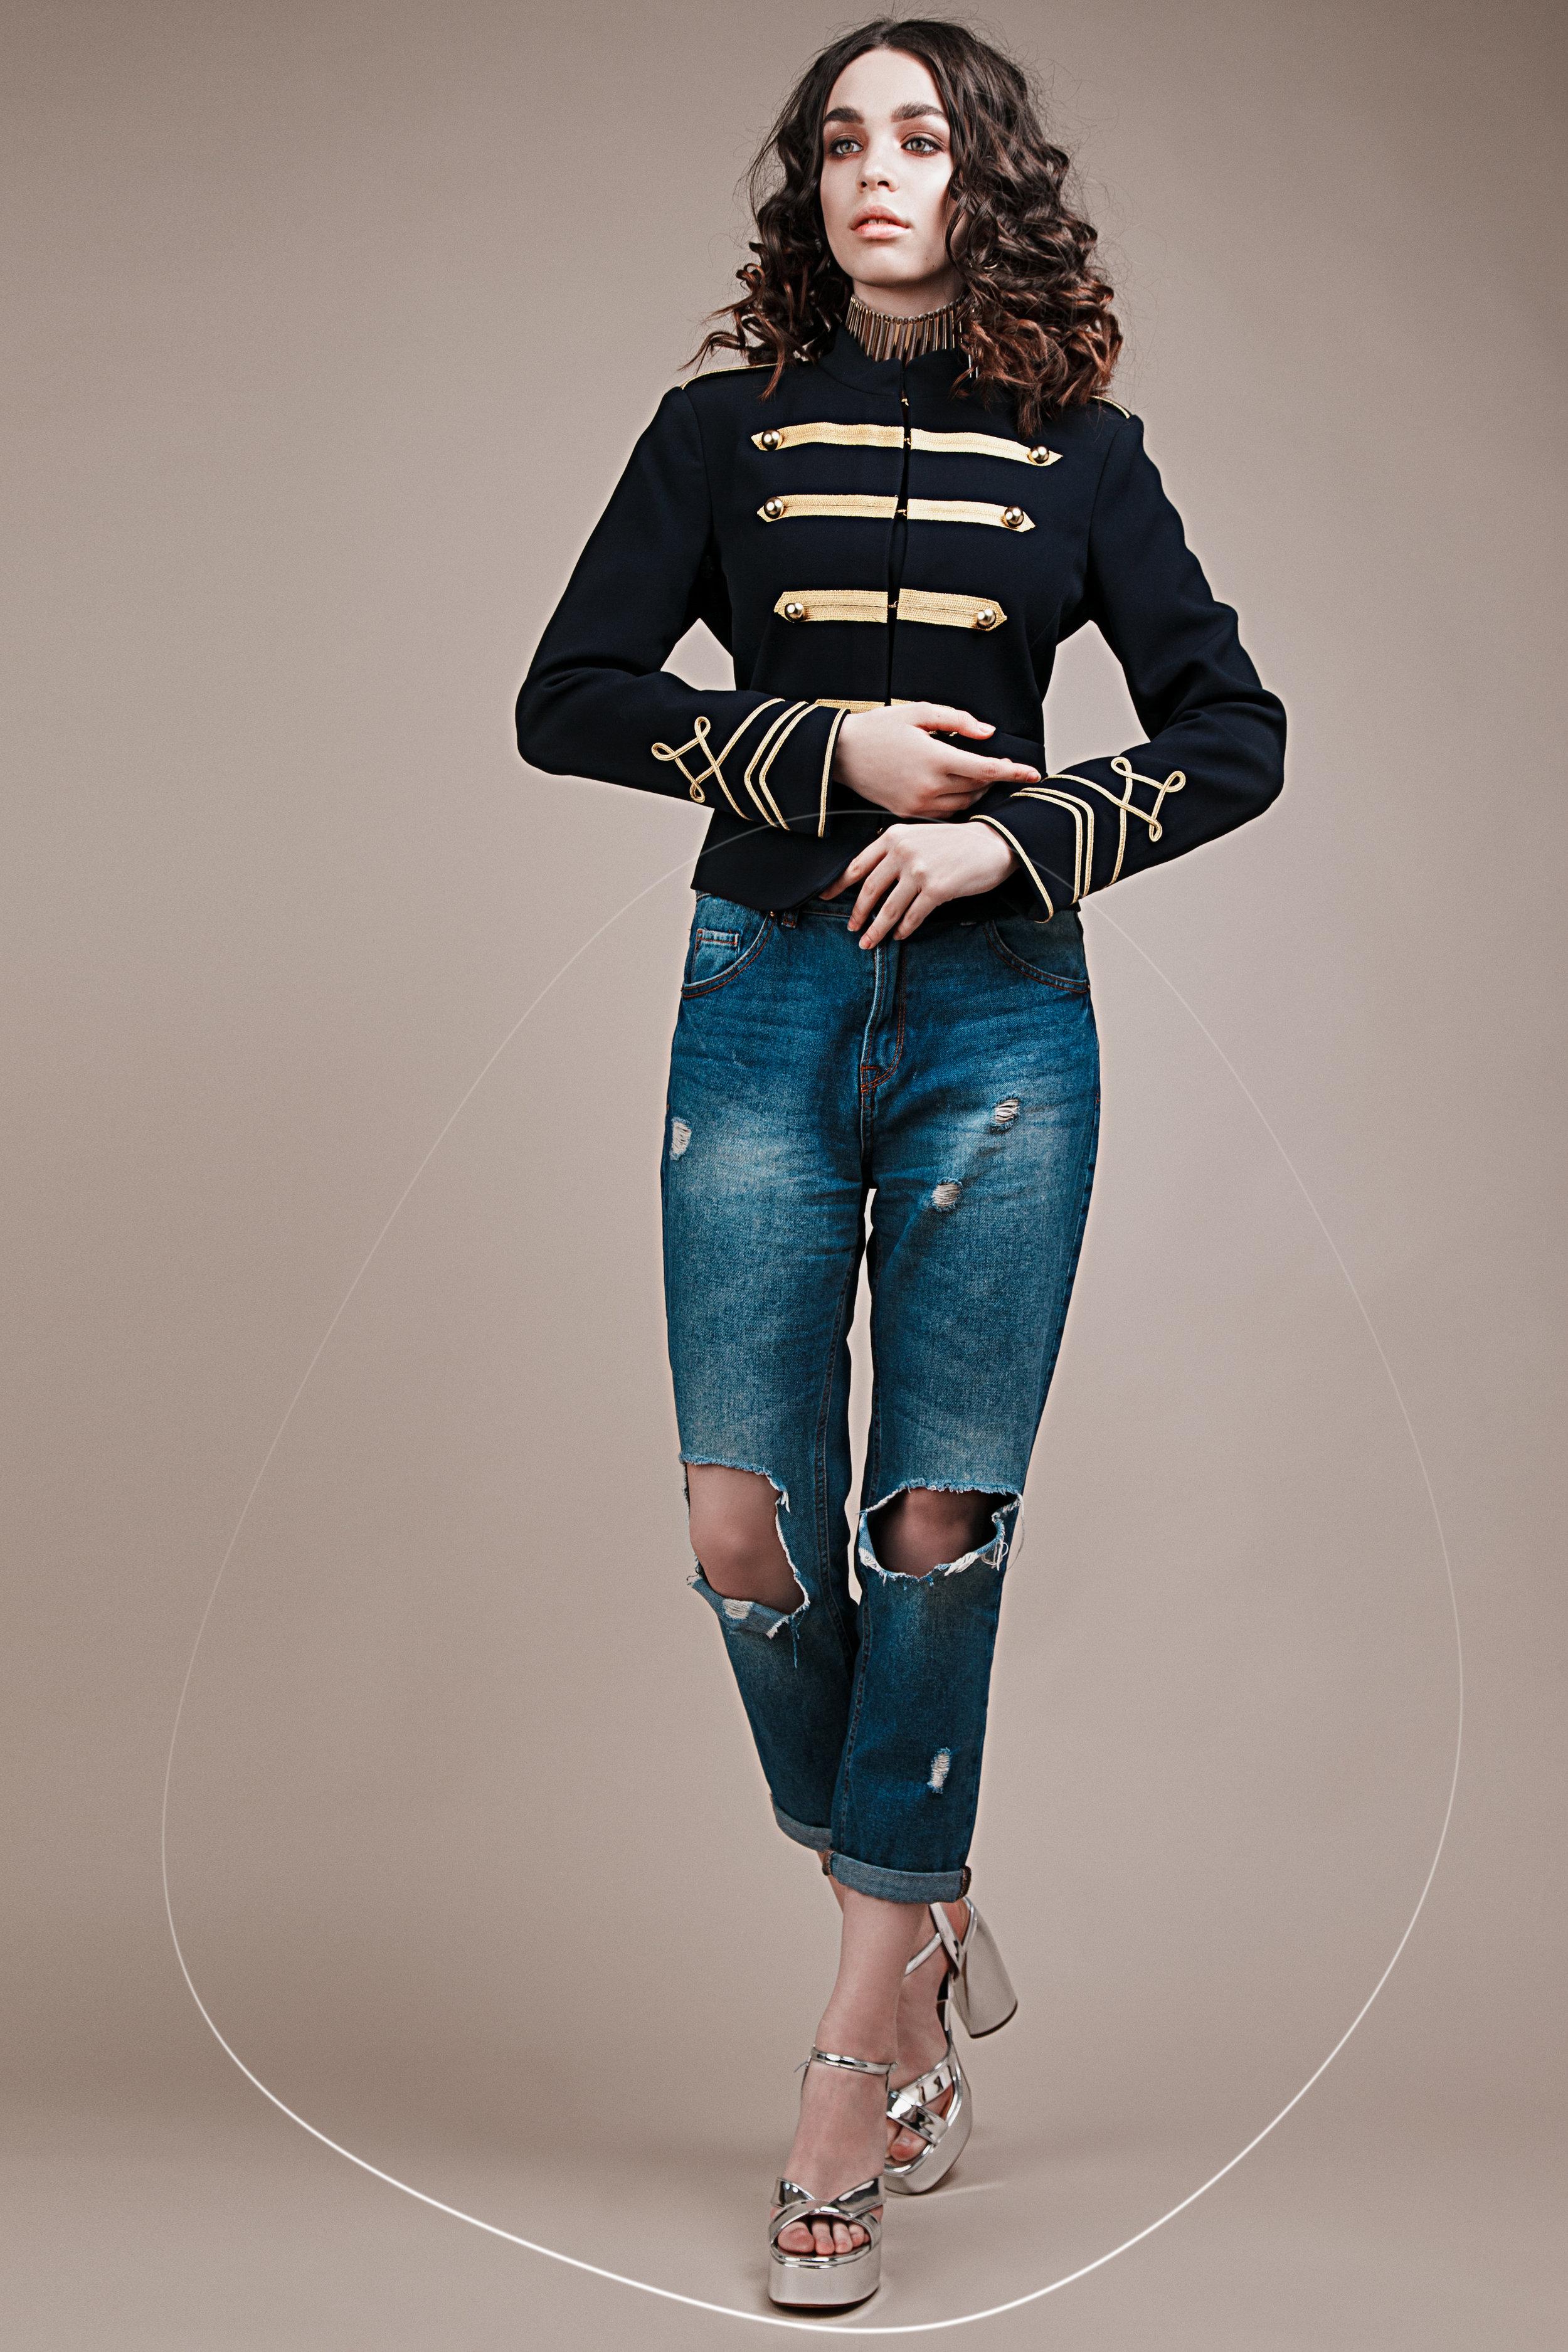 jacket Stradivarius, jeans Levis, accessories H&M, shoes Zara